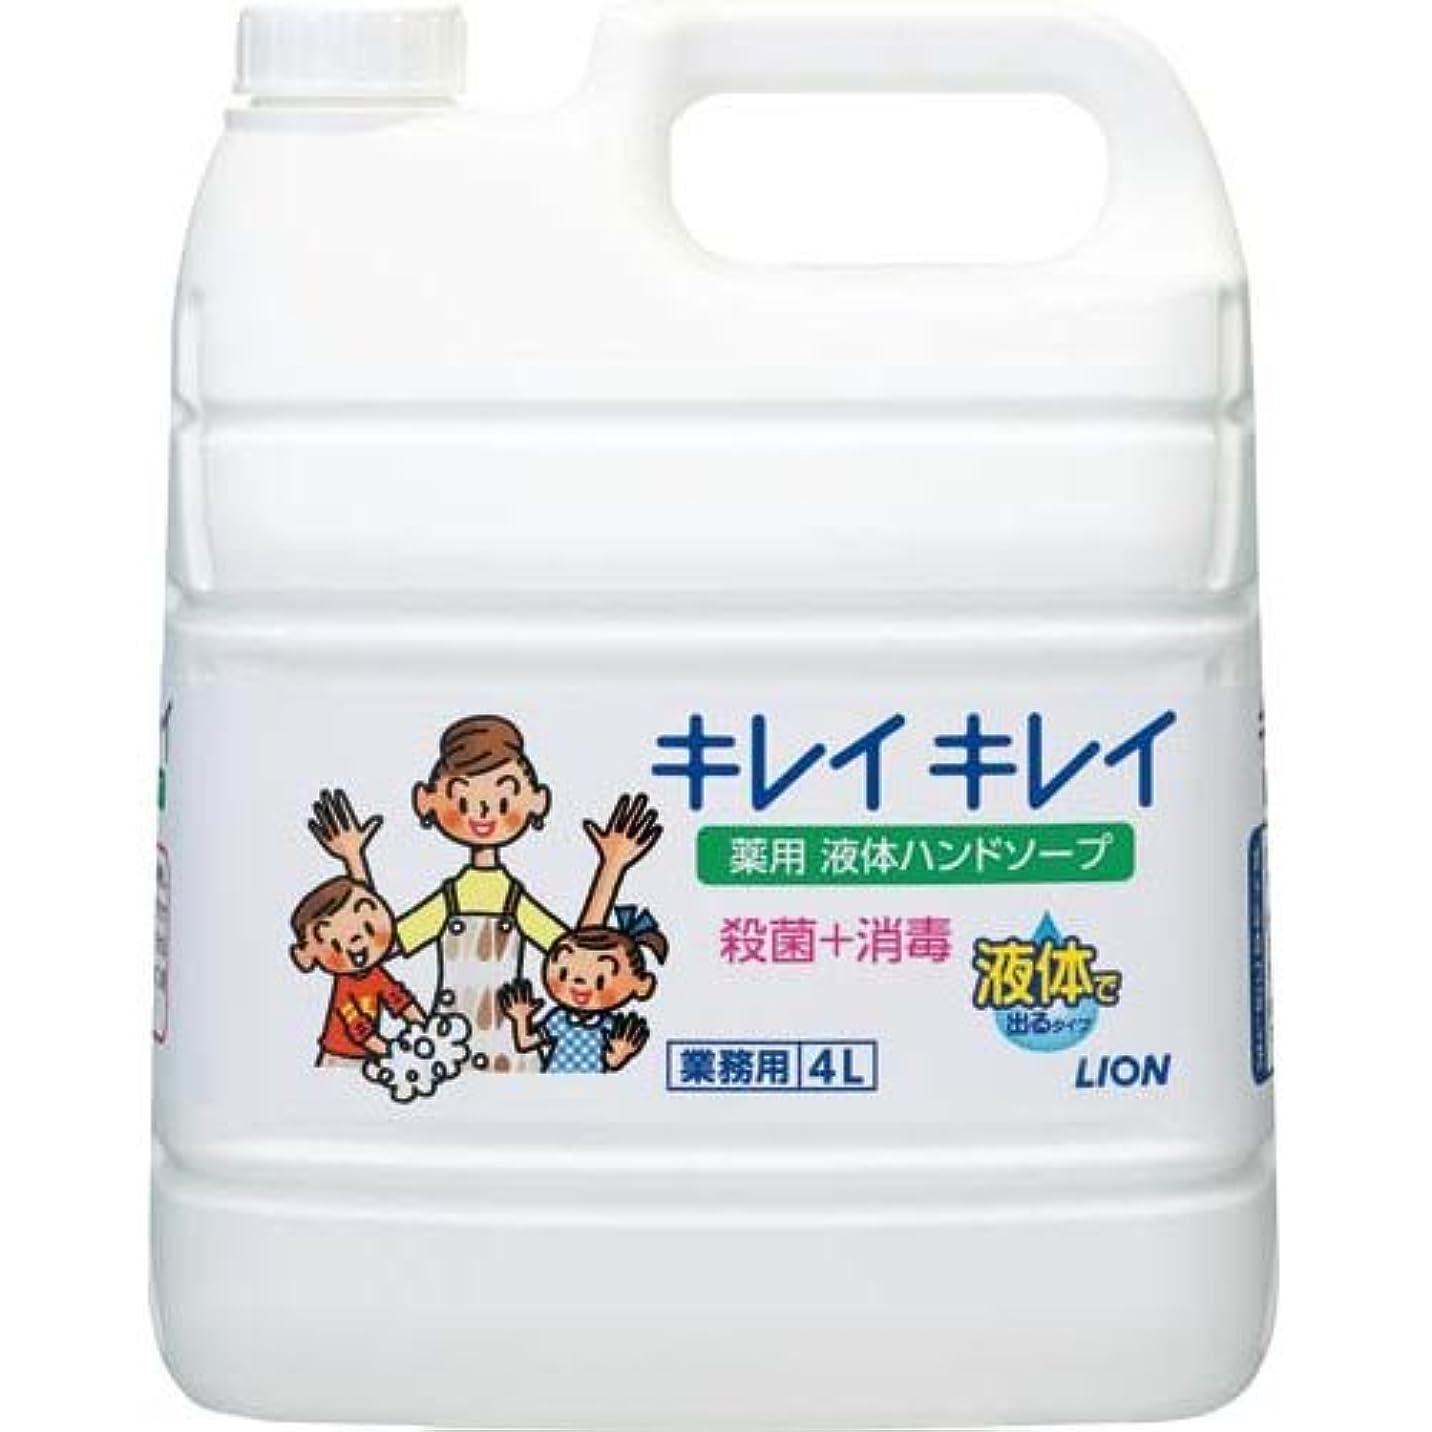 パーツ織る商標ライオンハイジーン キレイキレイ薬用ハンドソープ 業務用 4L×3本